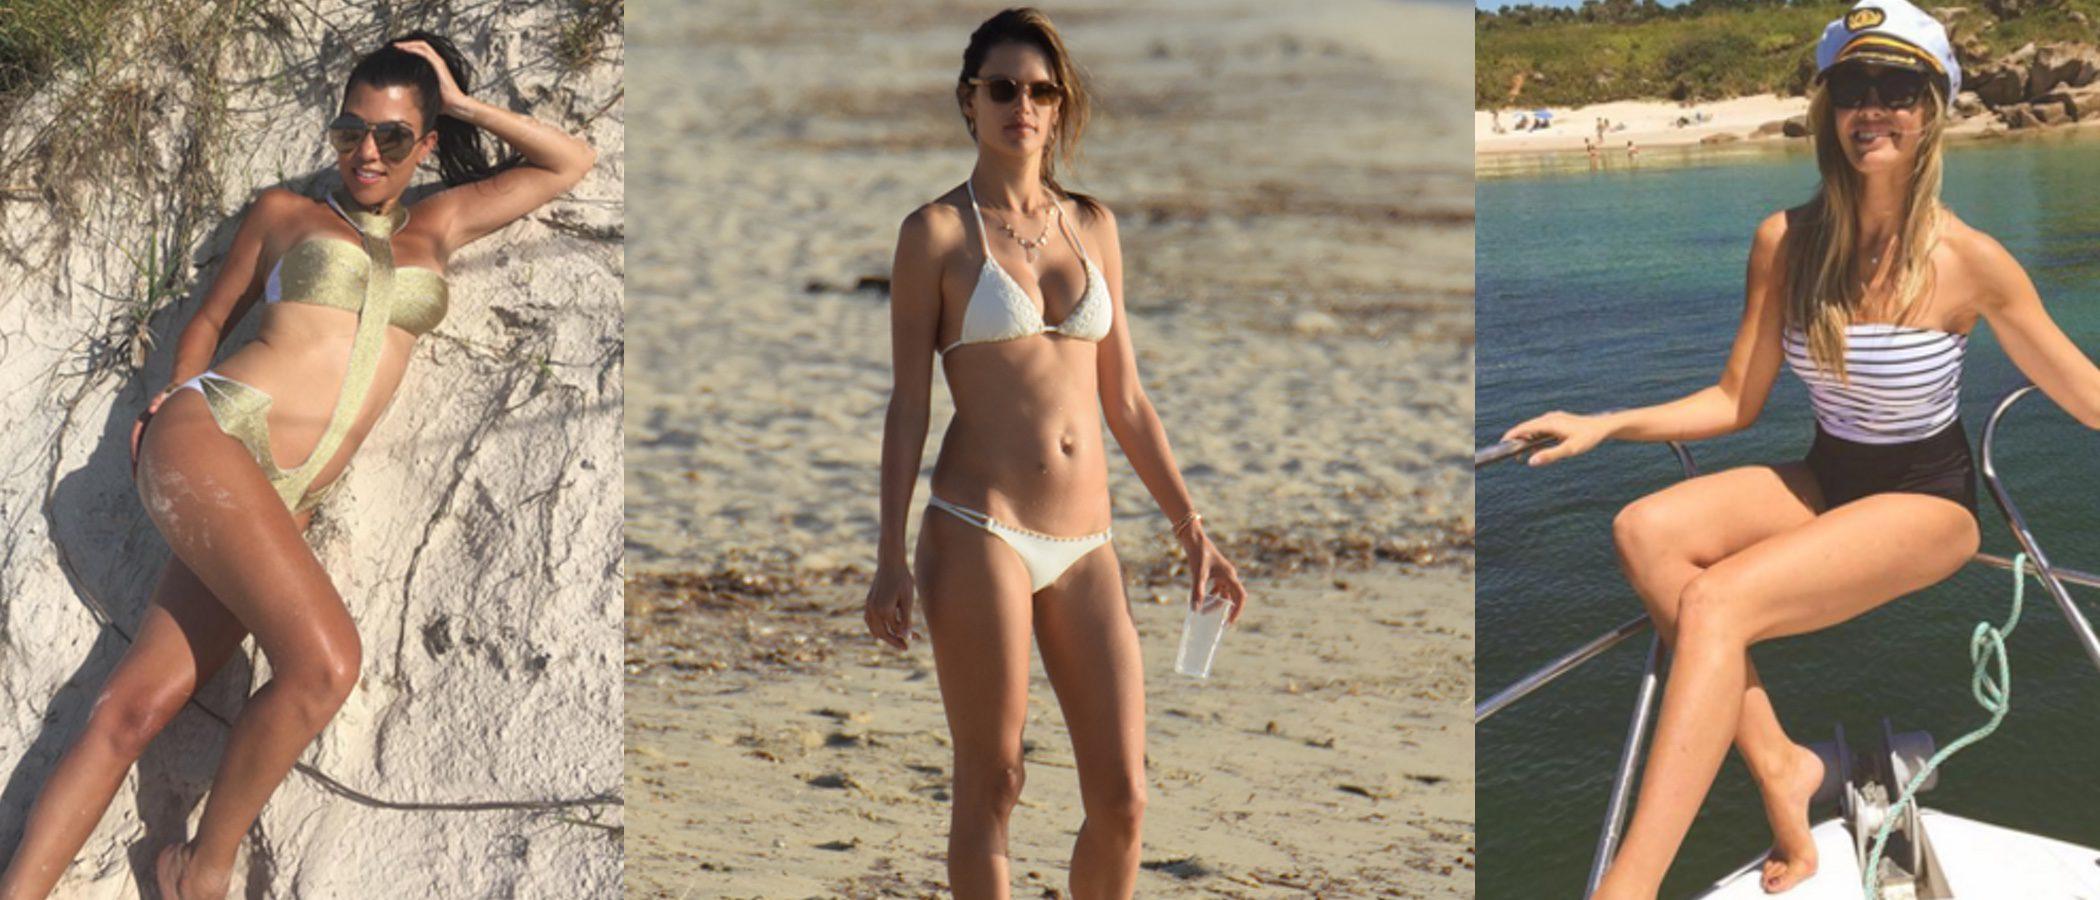 Playas paradisíacas: 5 celebrities que han marcado las tendencias este verano